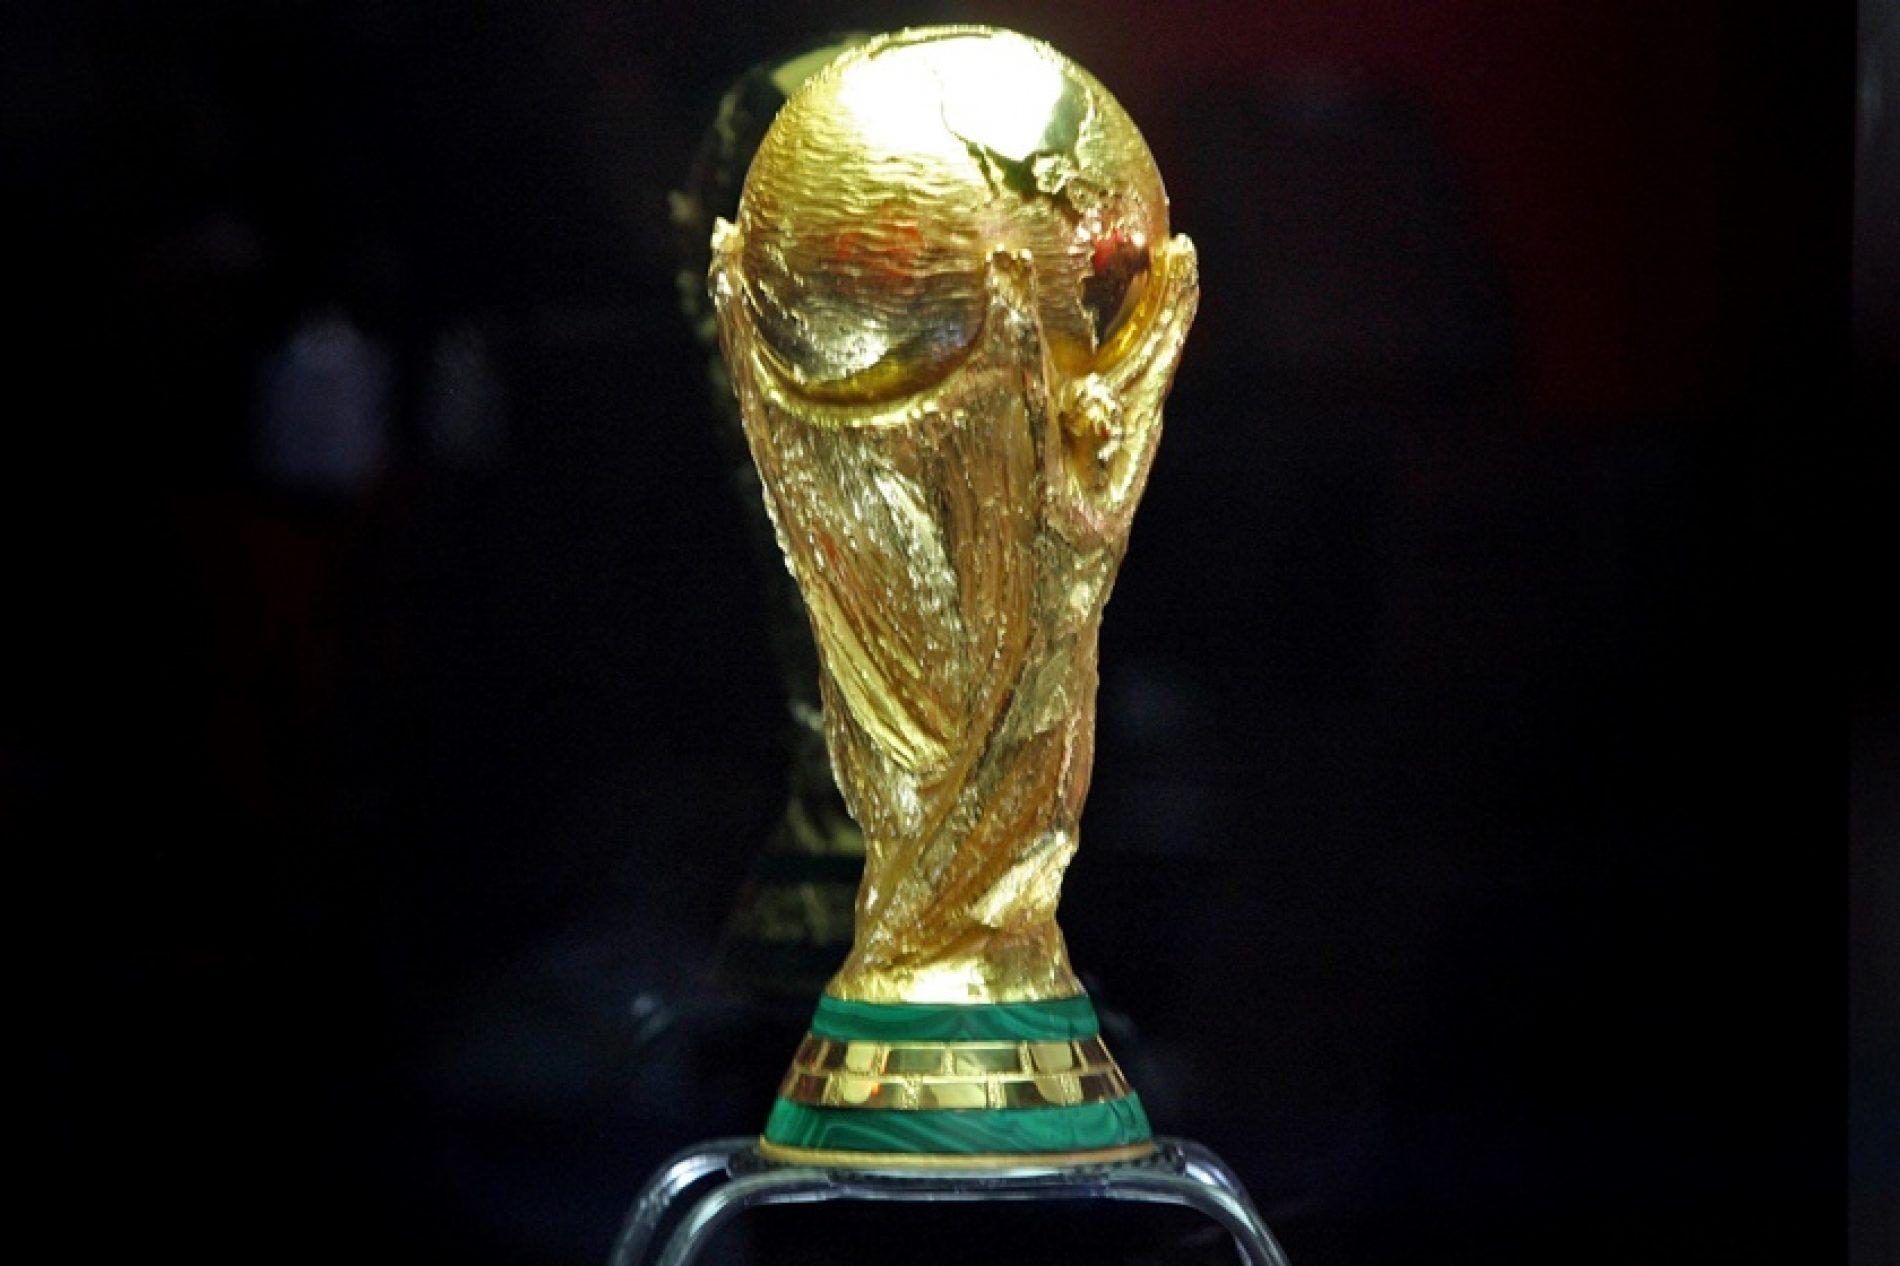 Copa do Mundo: 2ª fase tem 4 milhões de ingressos solicitados